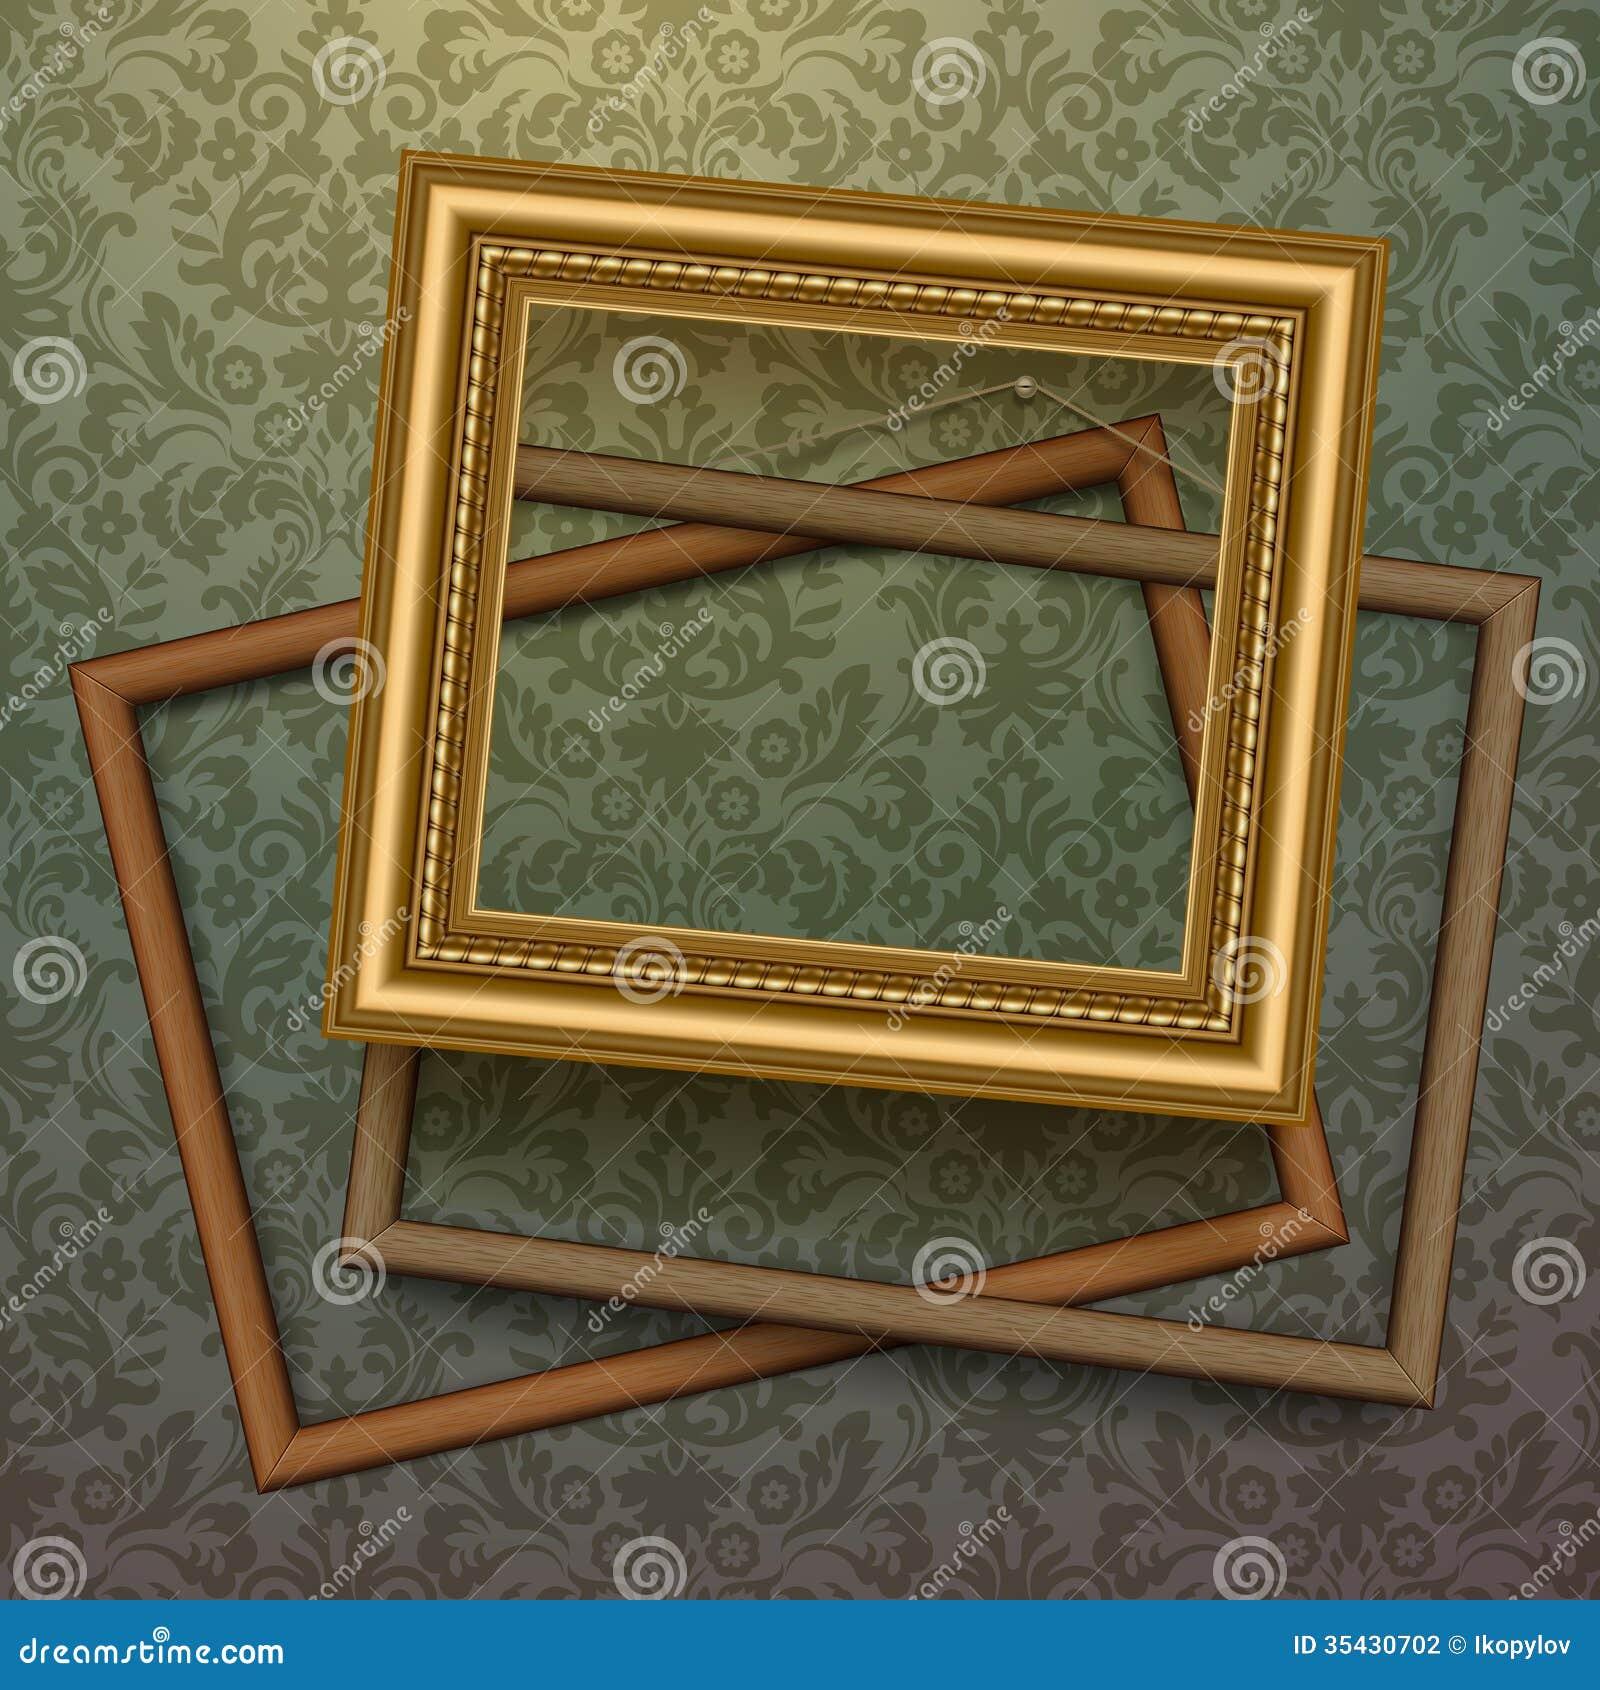 Vintage golden frames on floral background